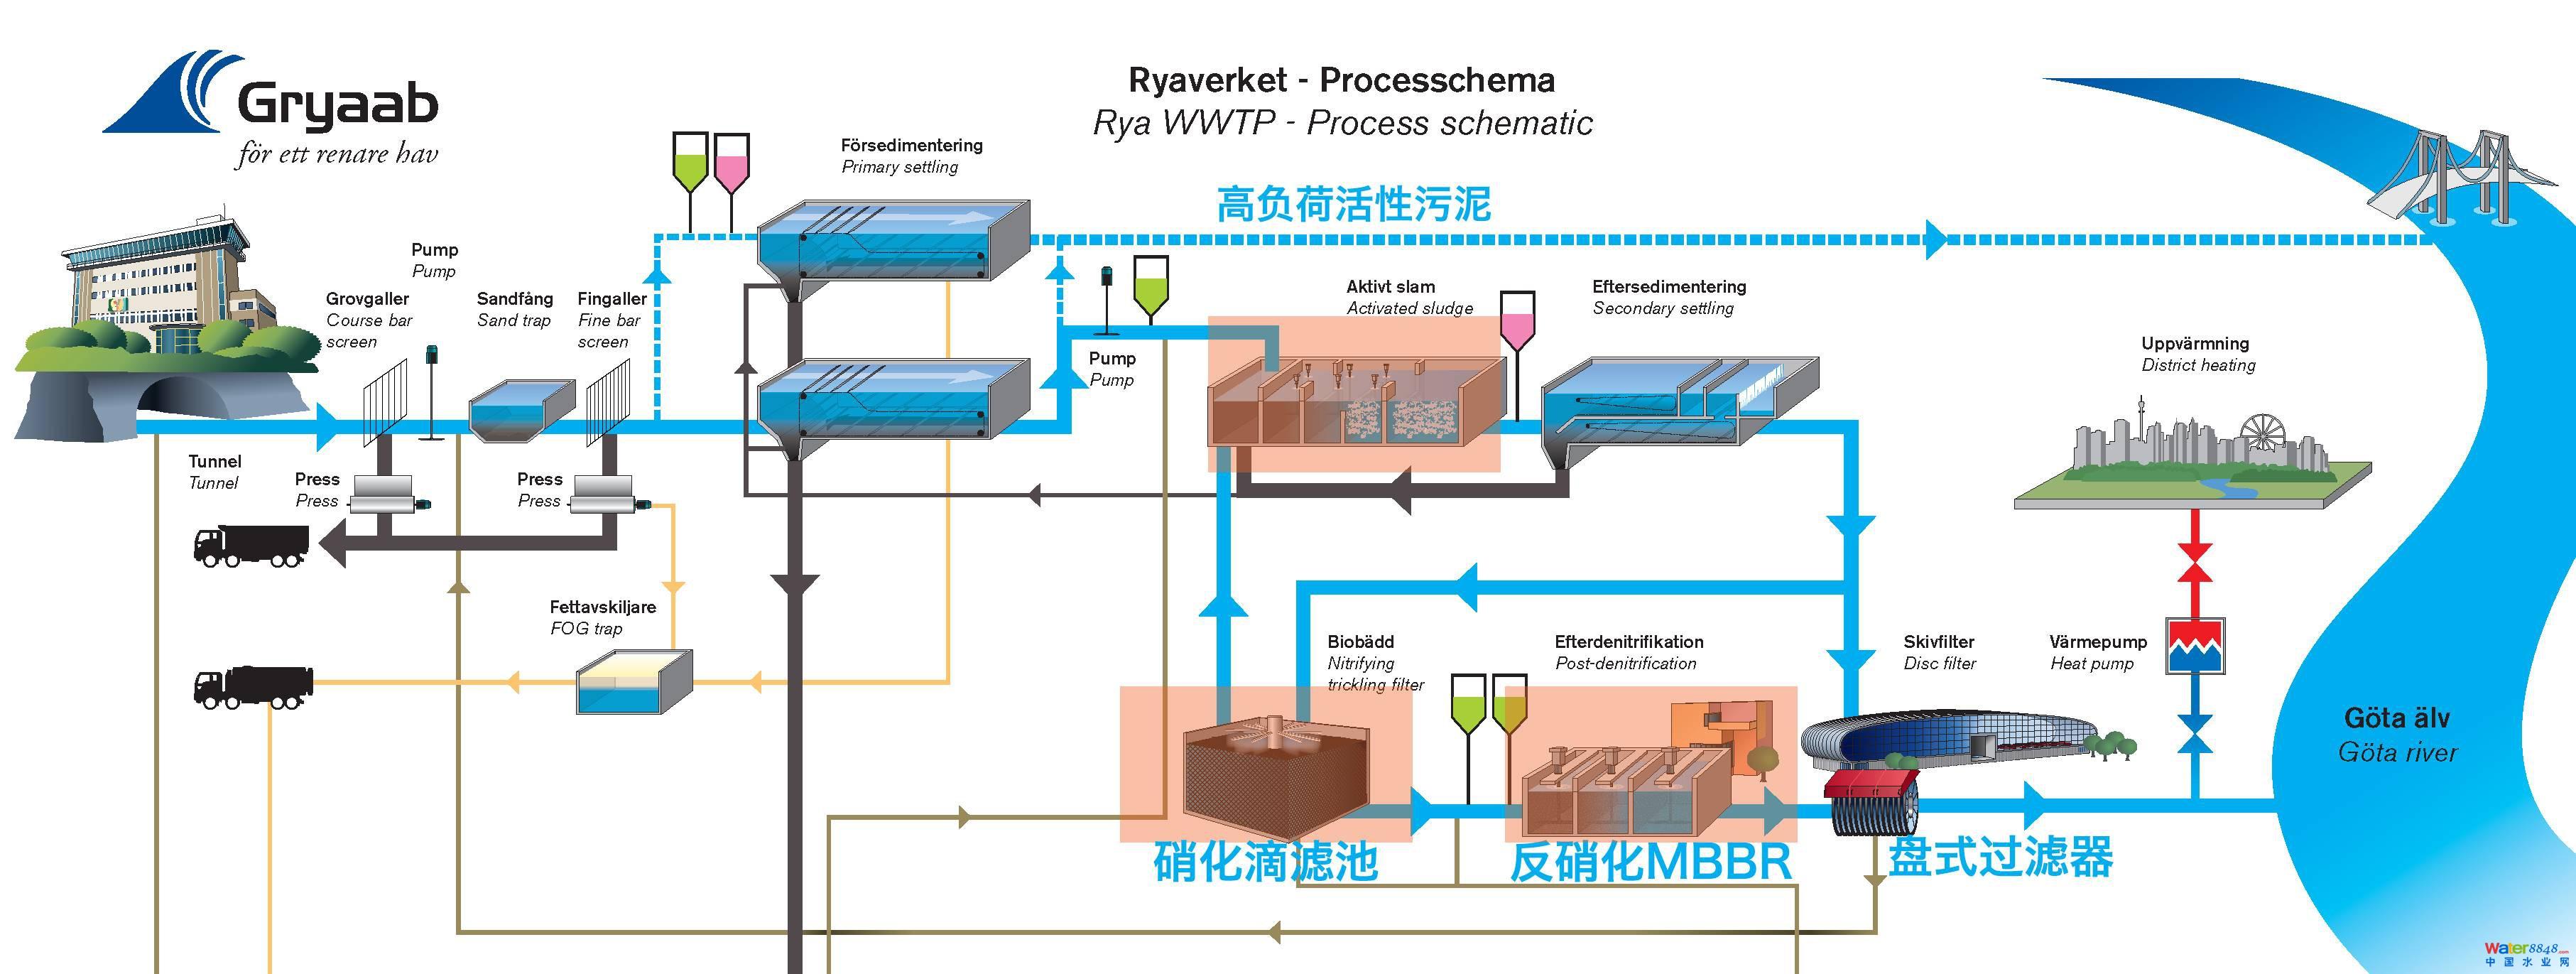 污水厂的工艺流程如上图所示,污水经过格栅,沉砂池和初沉池的预处理